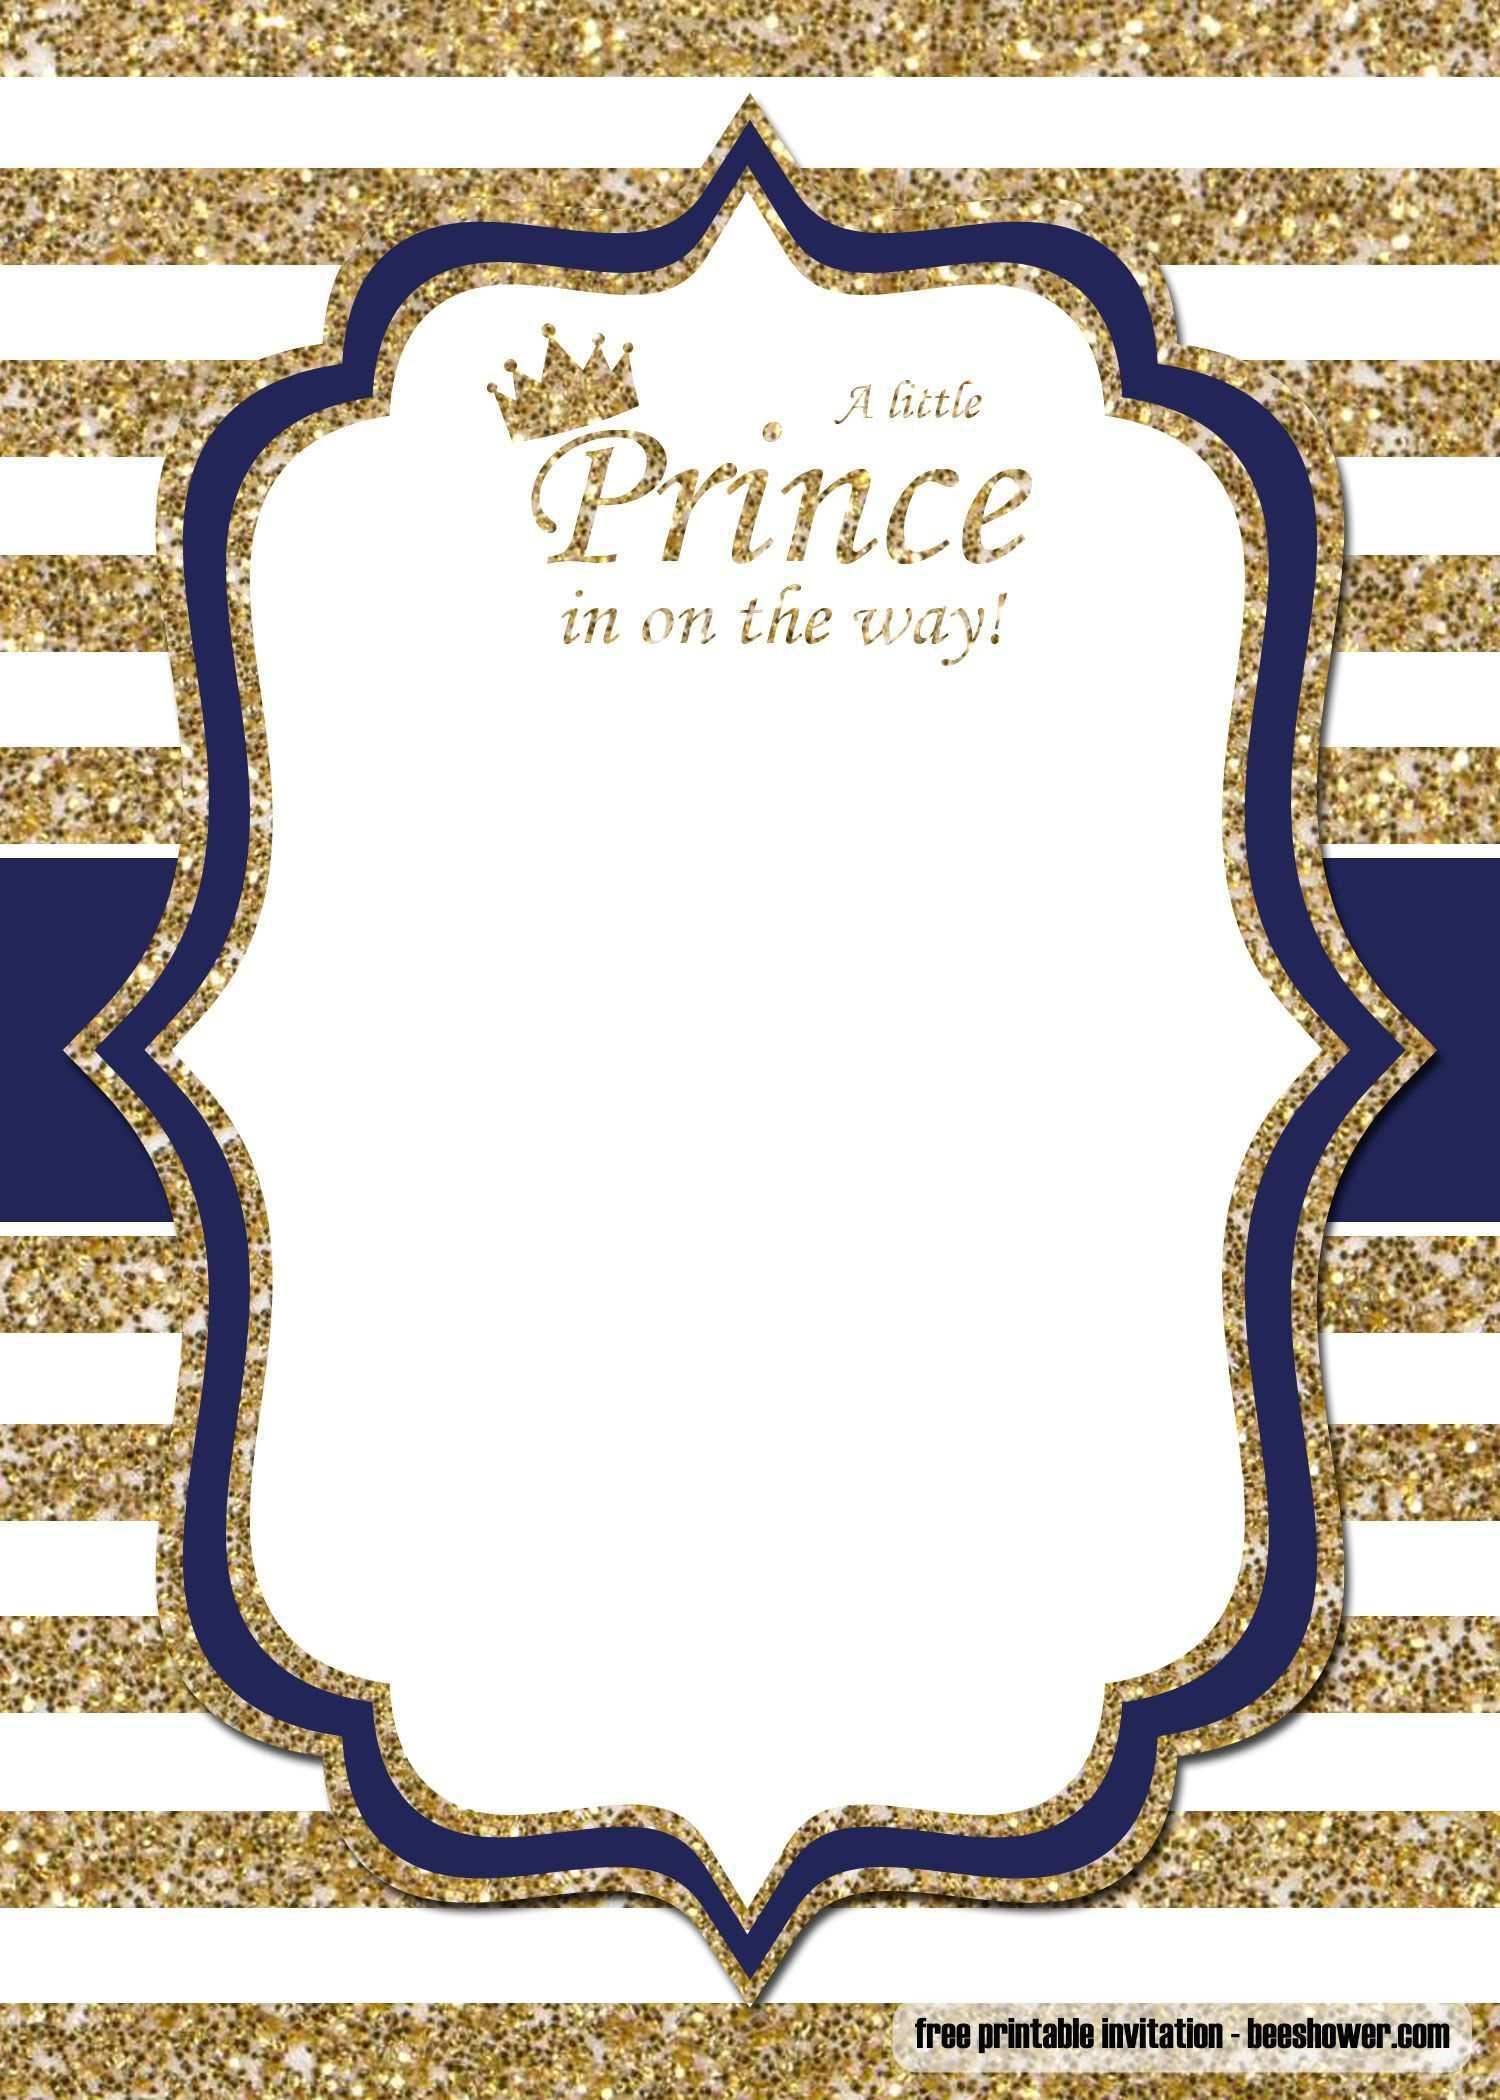 Kostenlose Prinz Babyparty Einladungsvorlagen In 2020 Einladungsvorlage Einladungen Vorlagen Einladungen